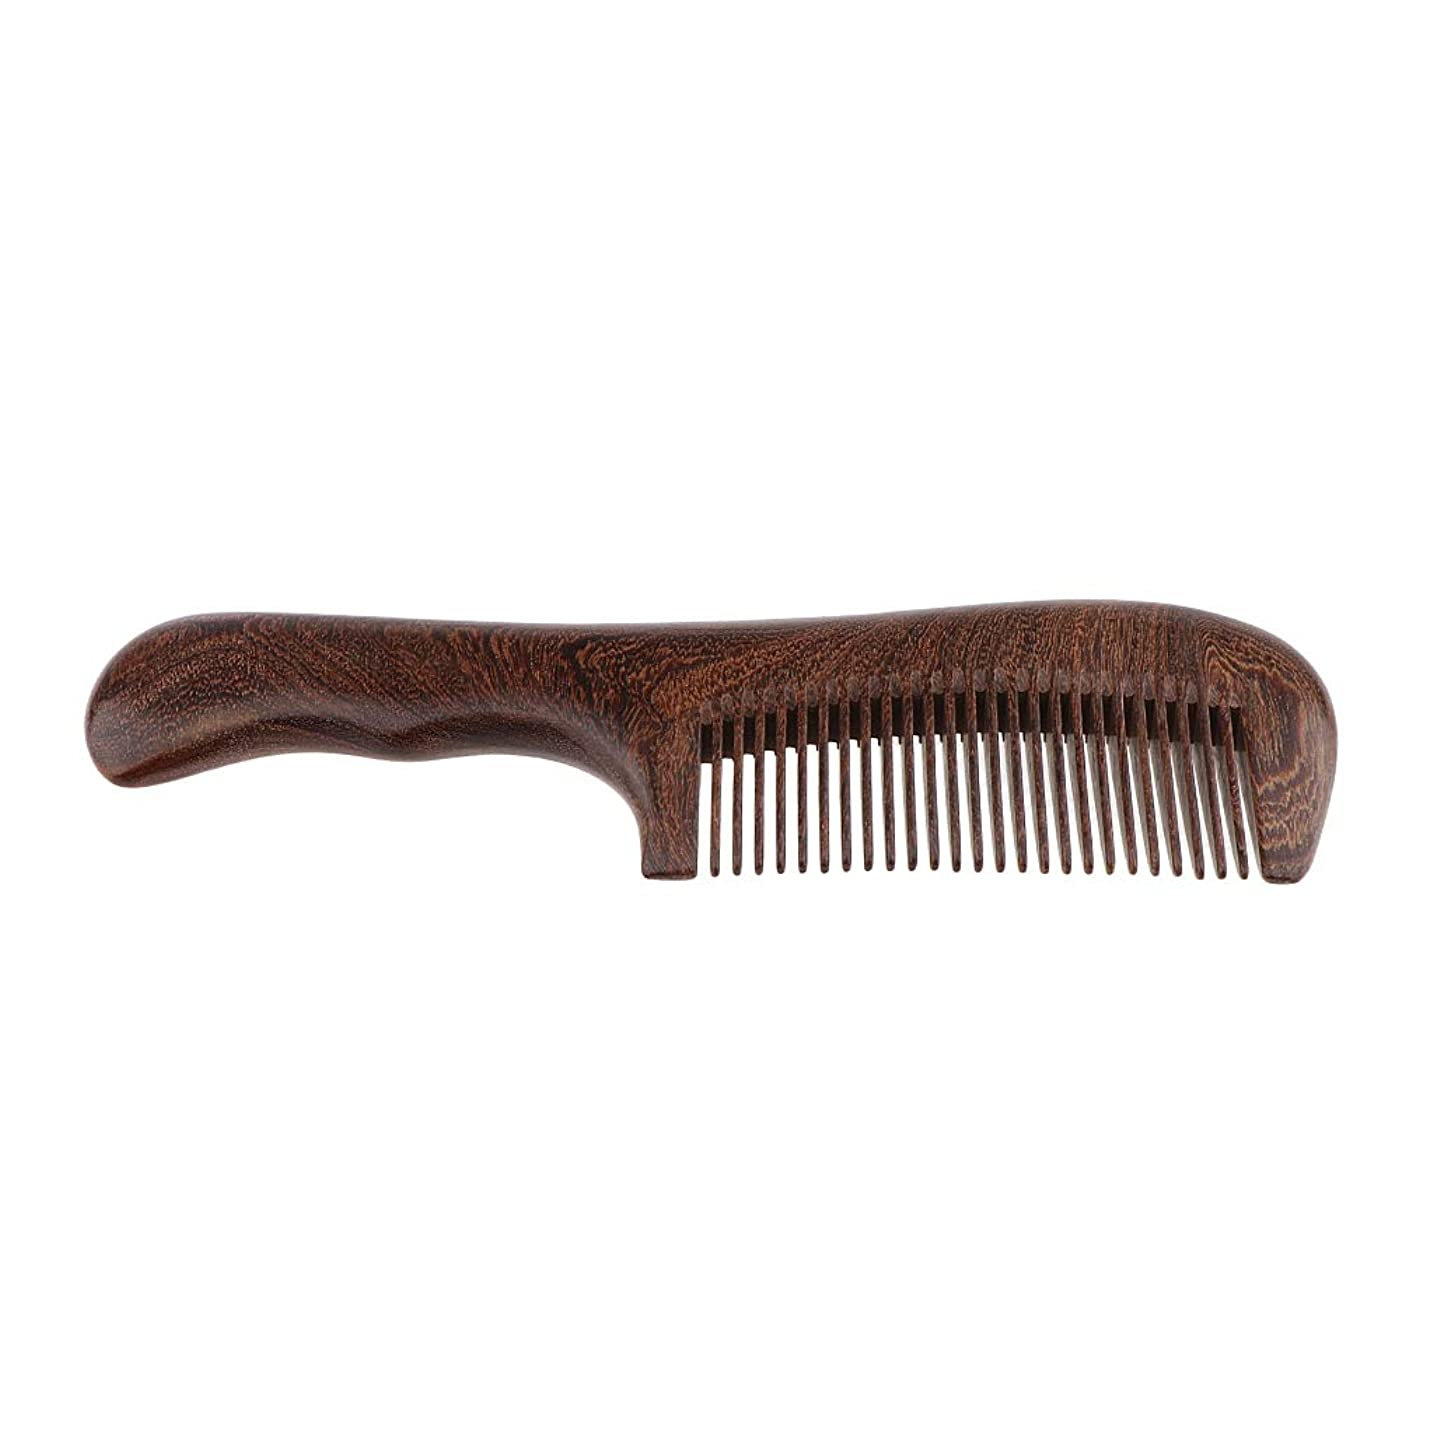 ほのか沿って部SM SunniMix 木製櫛 手作り ヘアブラシ ウッドコーム ハンドヘルド マッサージブラシ 2仕様選べ - 細かい歯